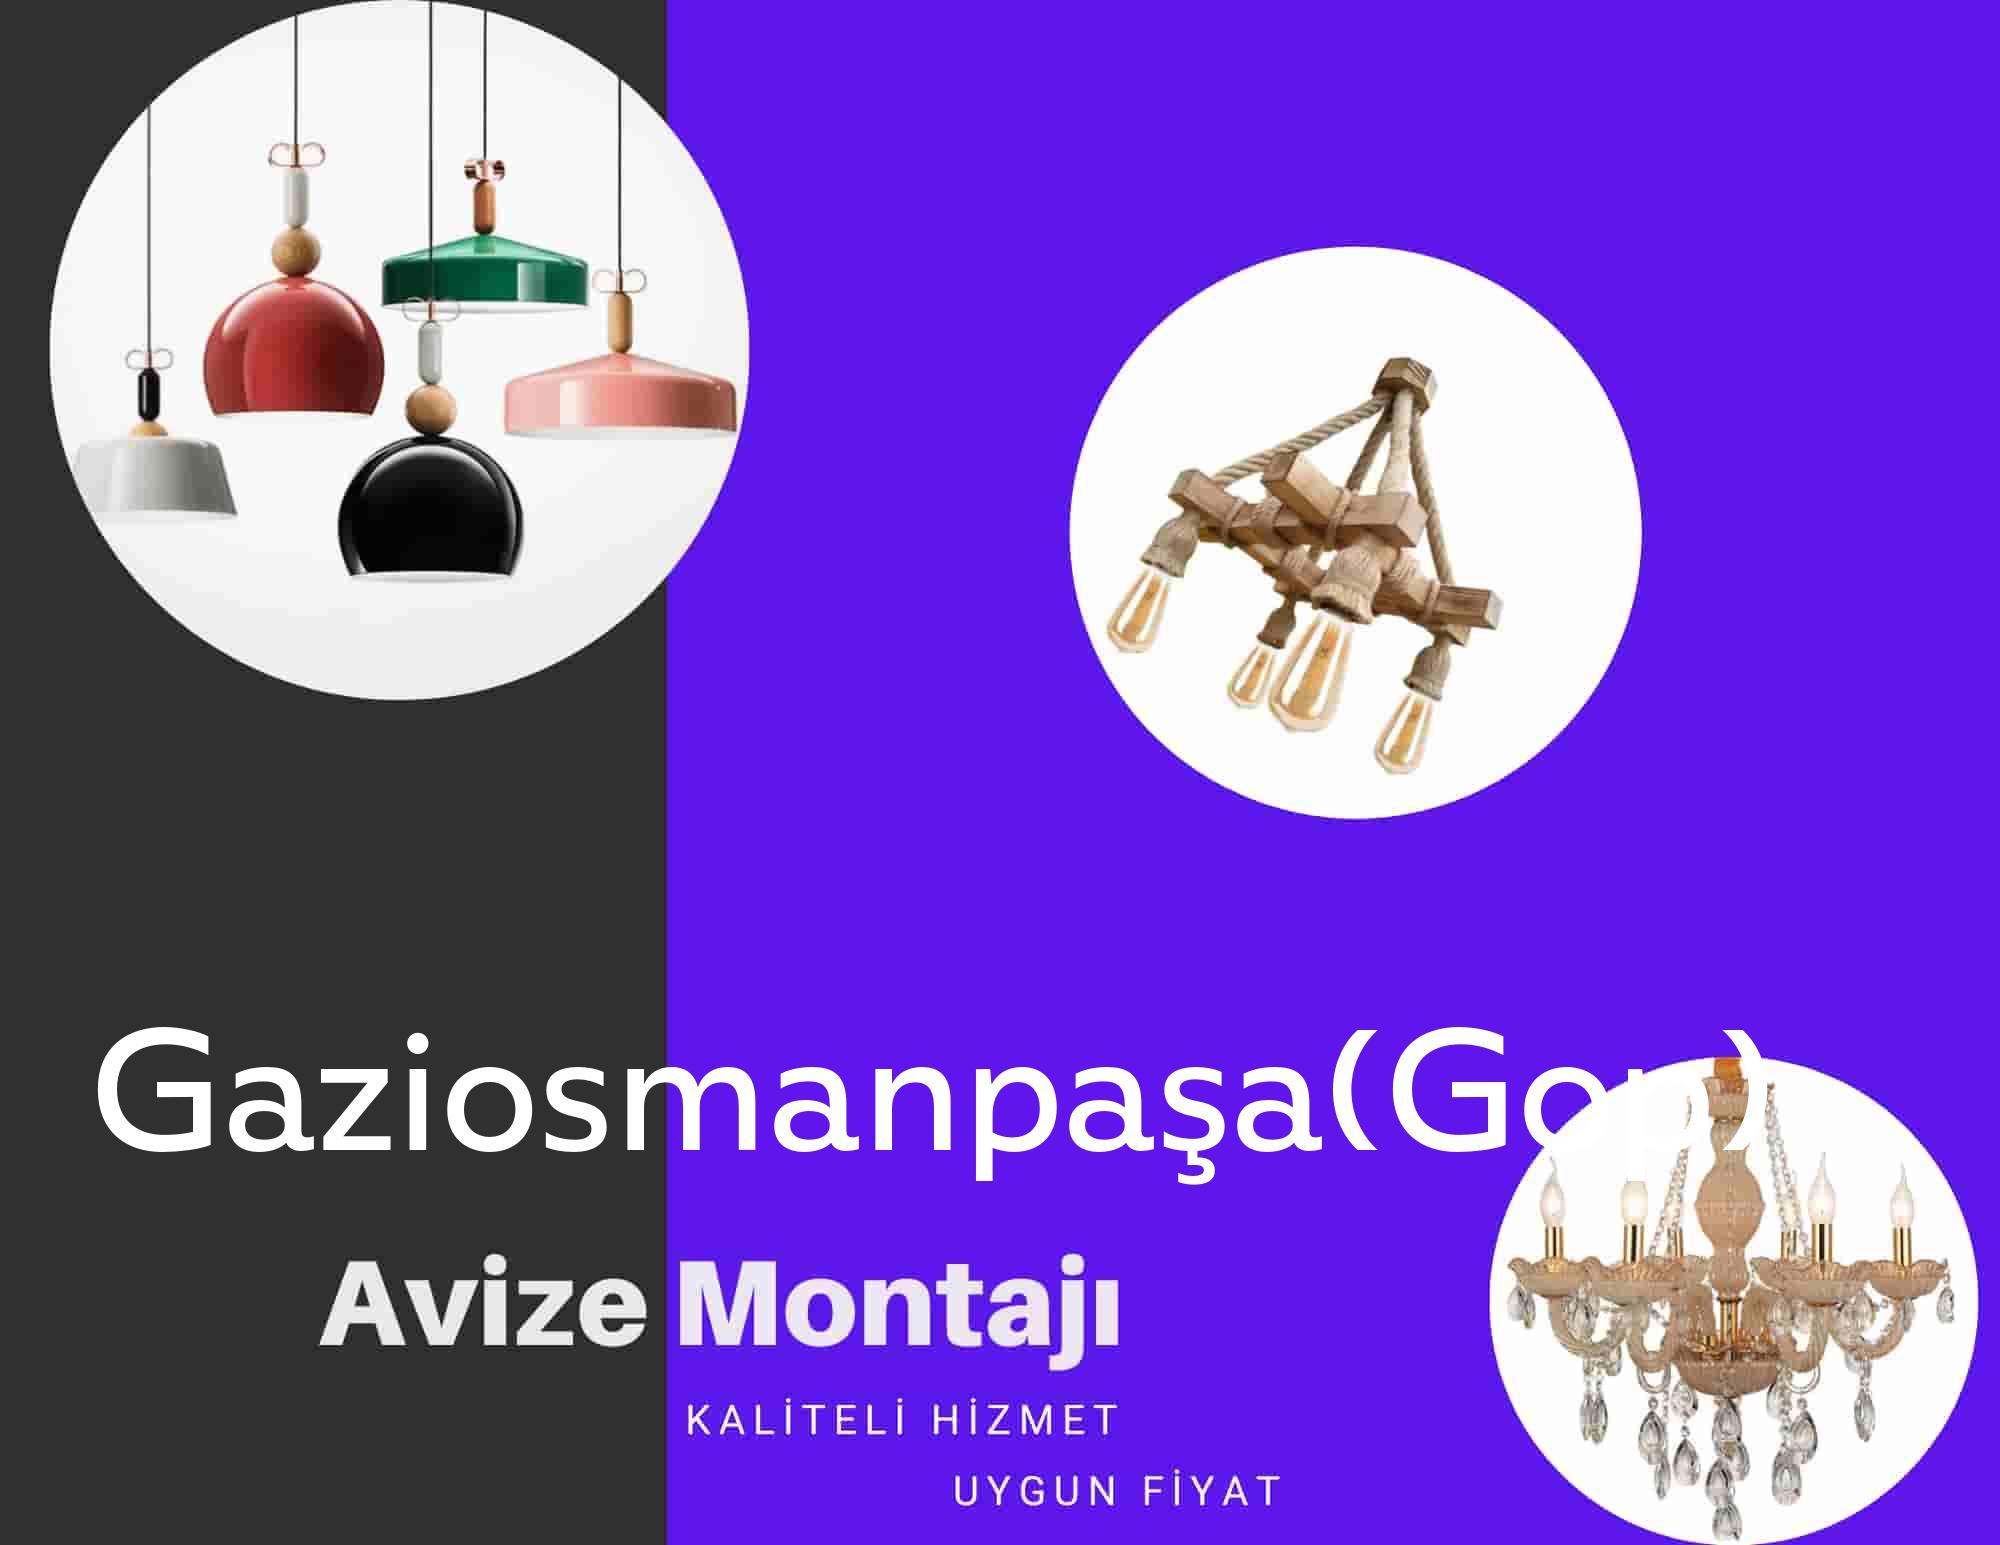 Gaziosmanpaşa(Gop)de avize montajı yapan yerler arıyorsanız elektrikcicagir anında size profesyonel avize montajı ustasını yönlendirir.